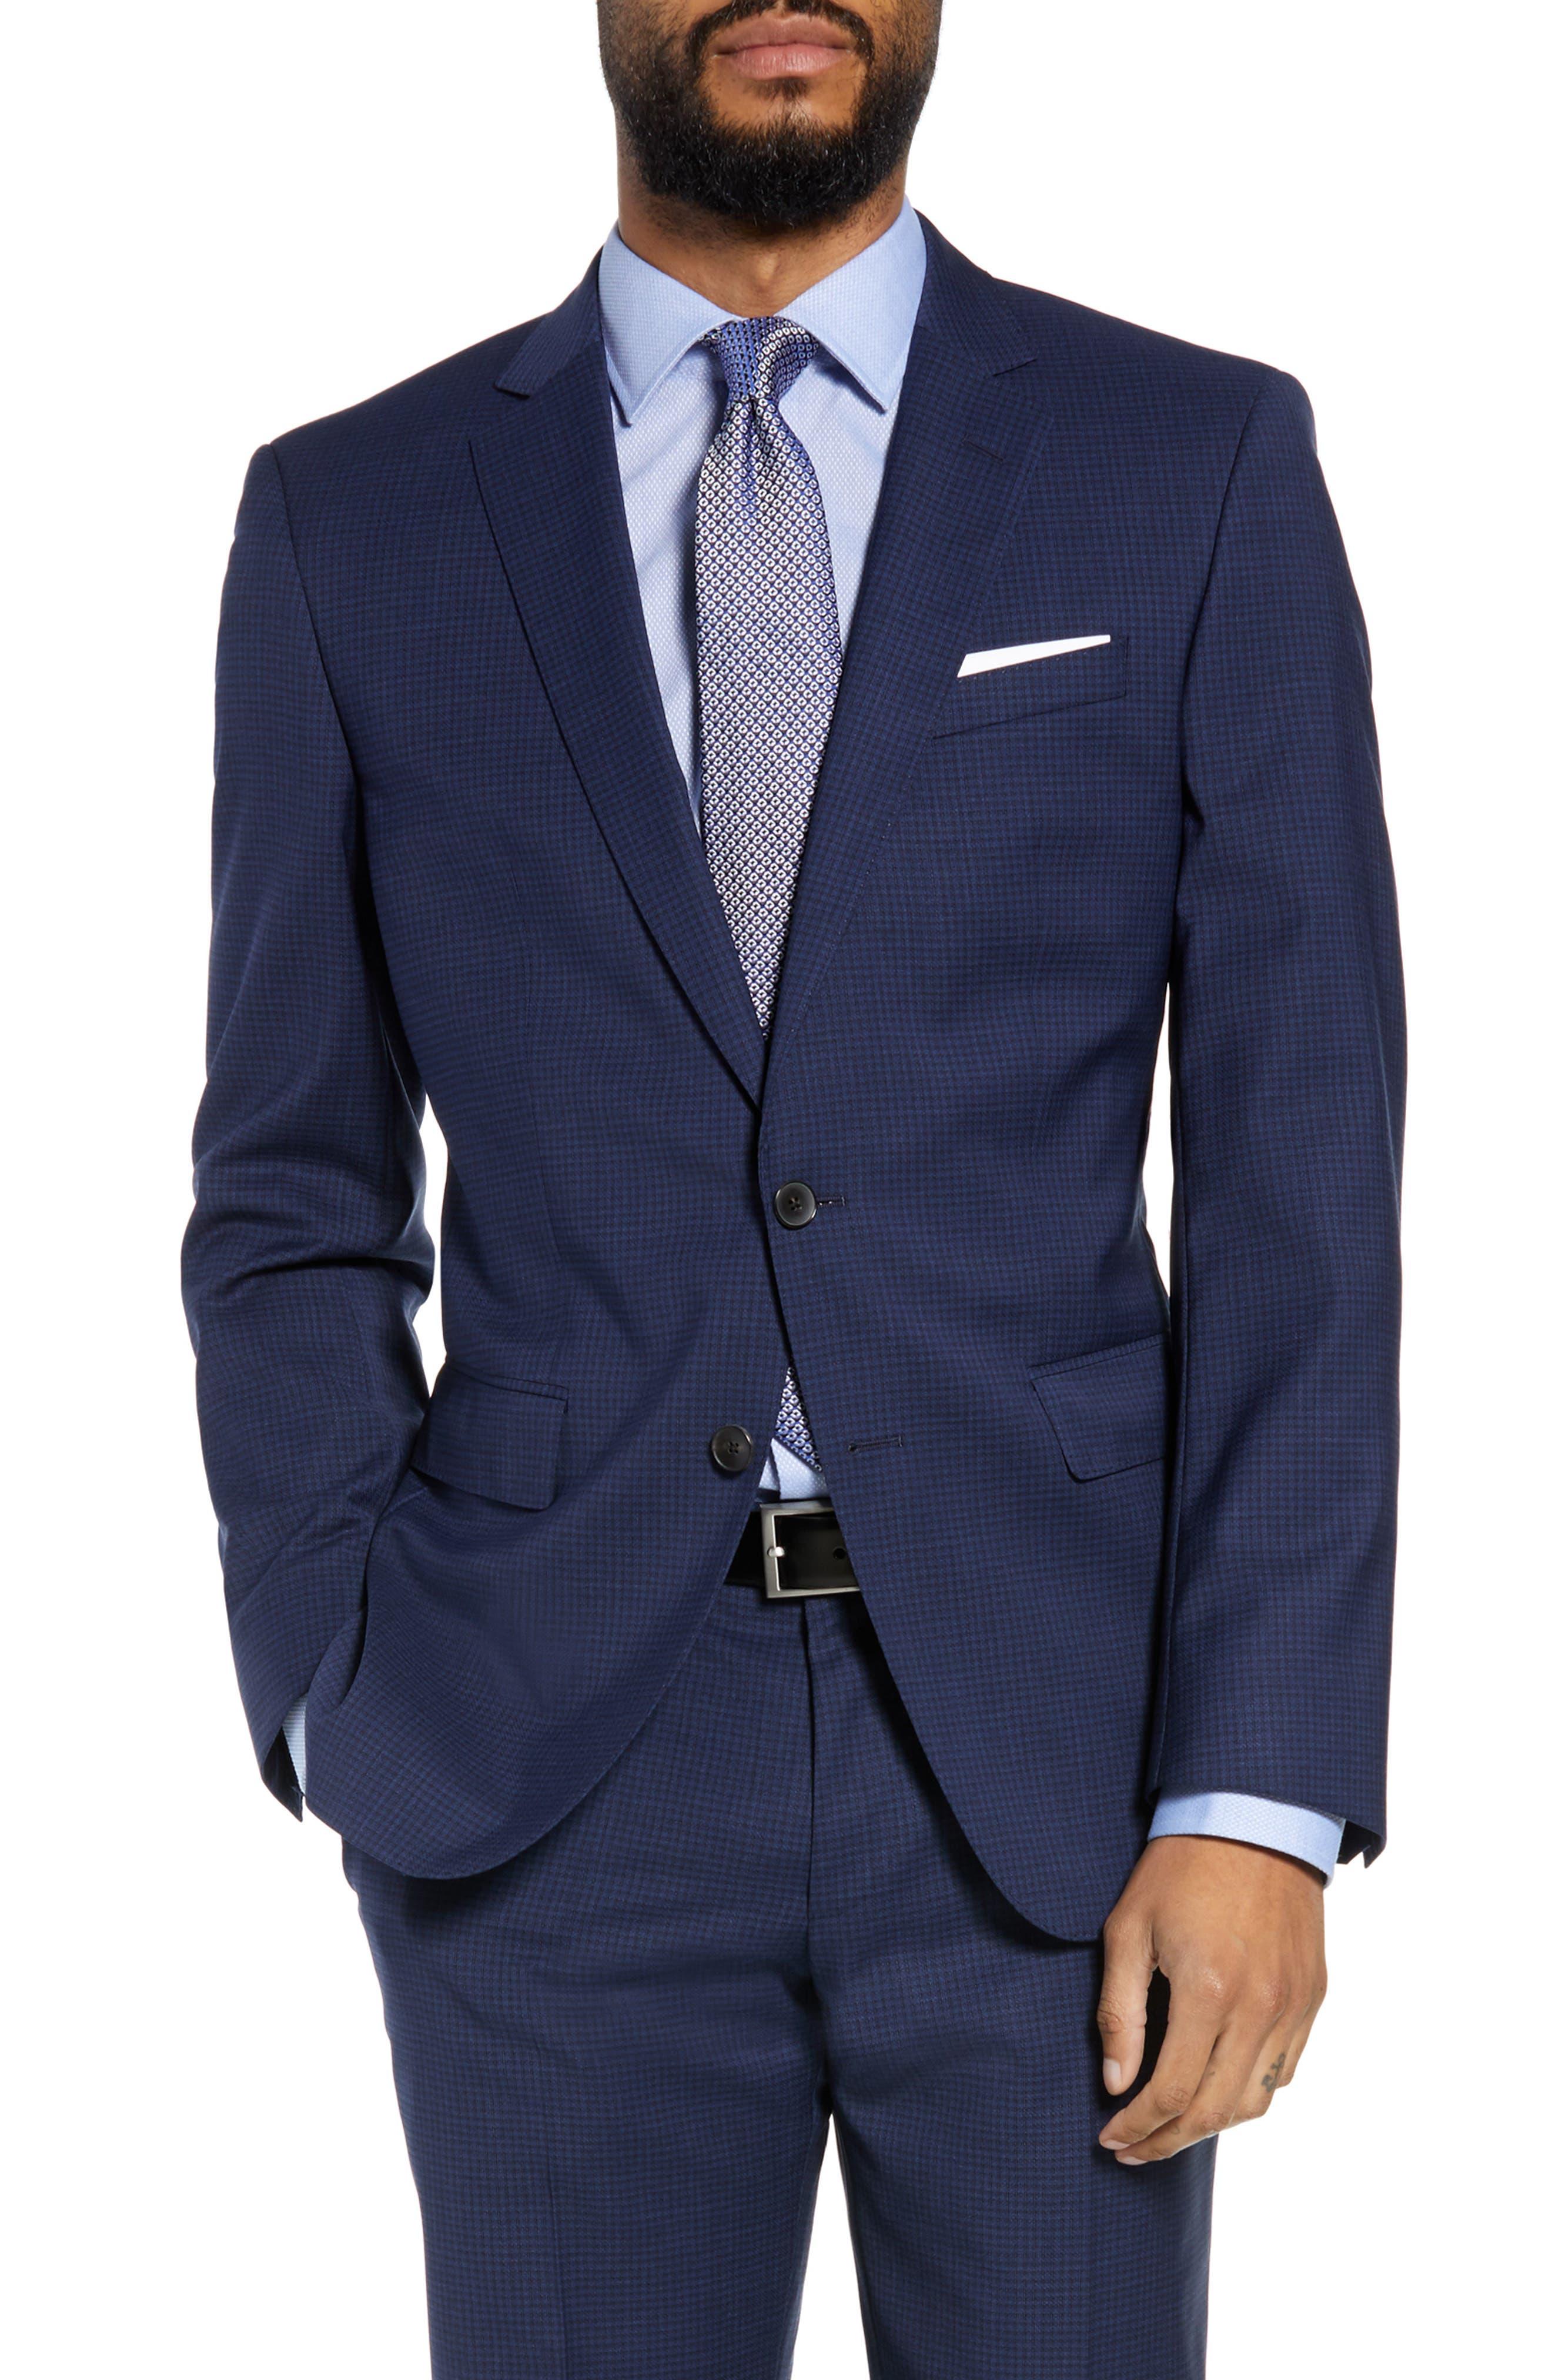 Huge/Genius Trim Fit Solid Wool Suit,                             Alternate thumbnail 5, color,                             DARK BLUE